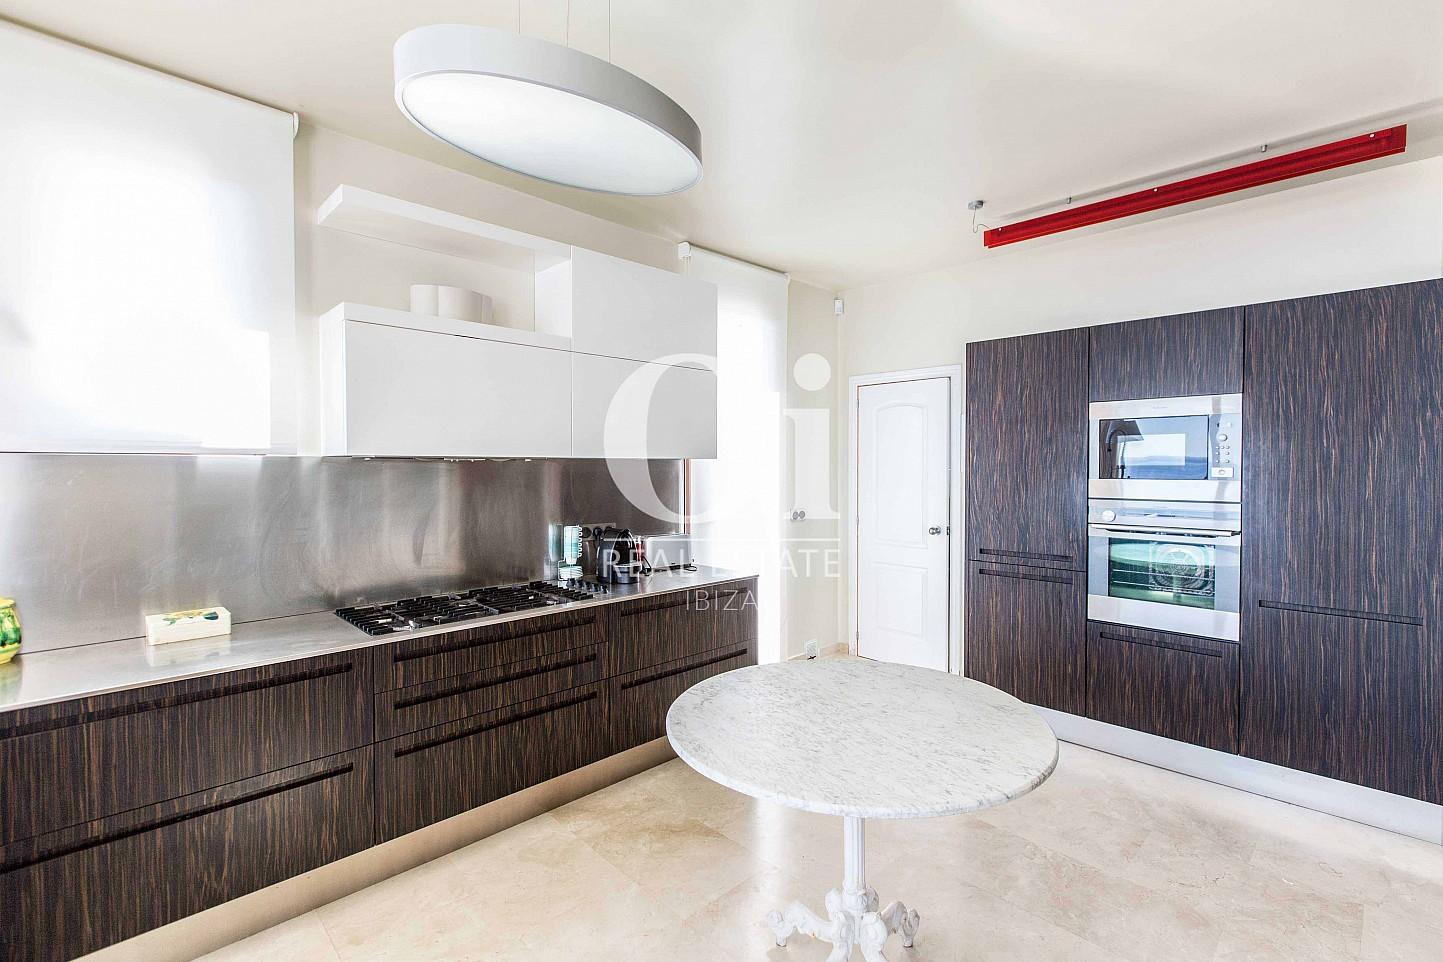 Blick in die Küche der Ferien-Villa in Roca Llisa, Ibiza